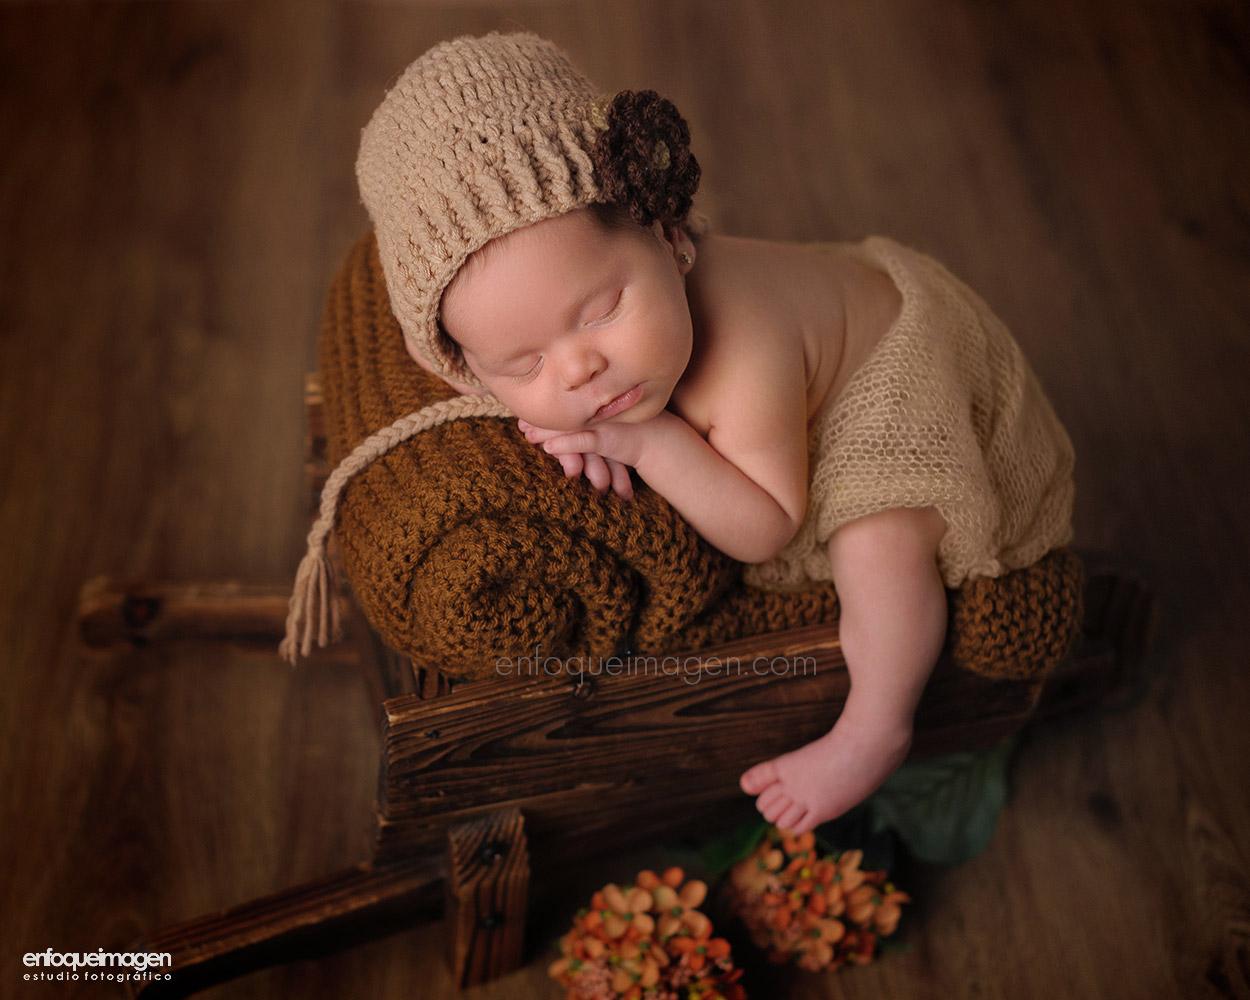 fotografos bebé, fotografía de bebé, fotos newborn, fotografía artística recién nacido